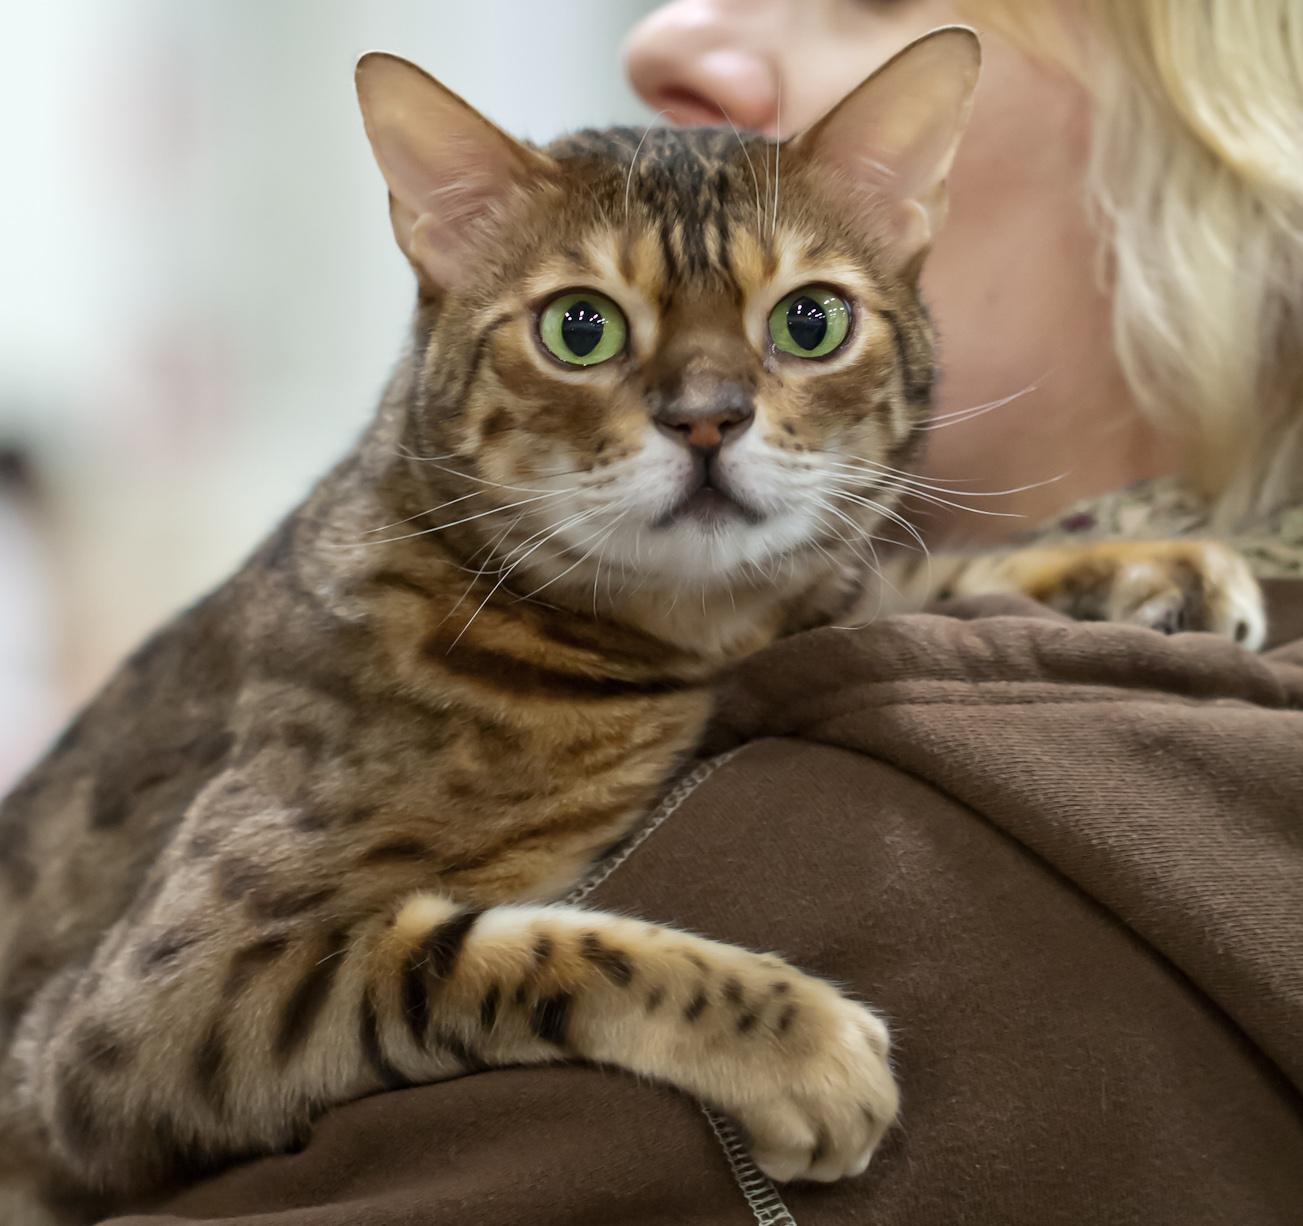 GIP CattiCartanon Sugar Panther (Seppo) [BEN n 24], kuva 194094, 28.4.2012